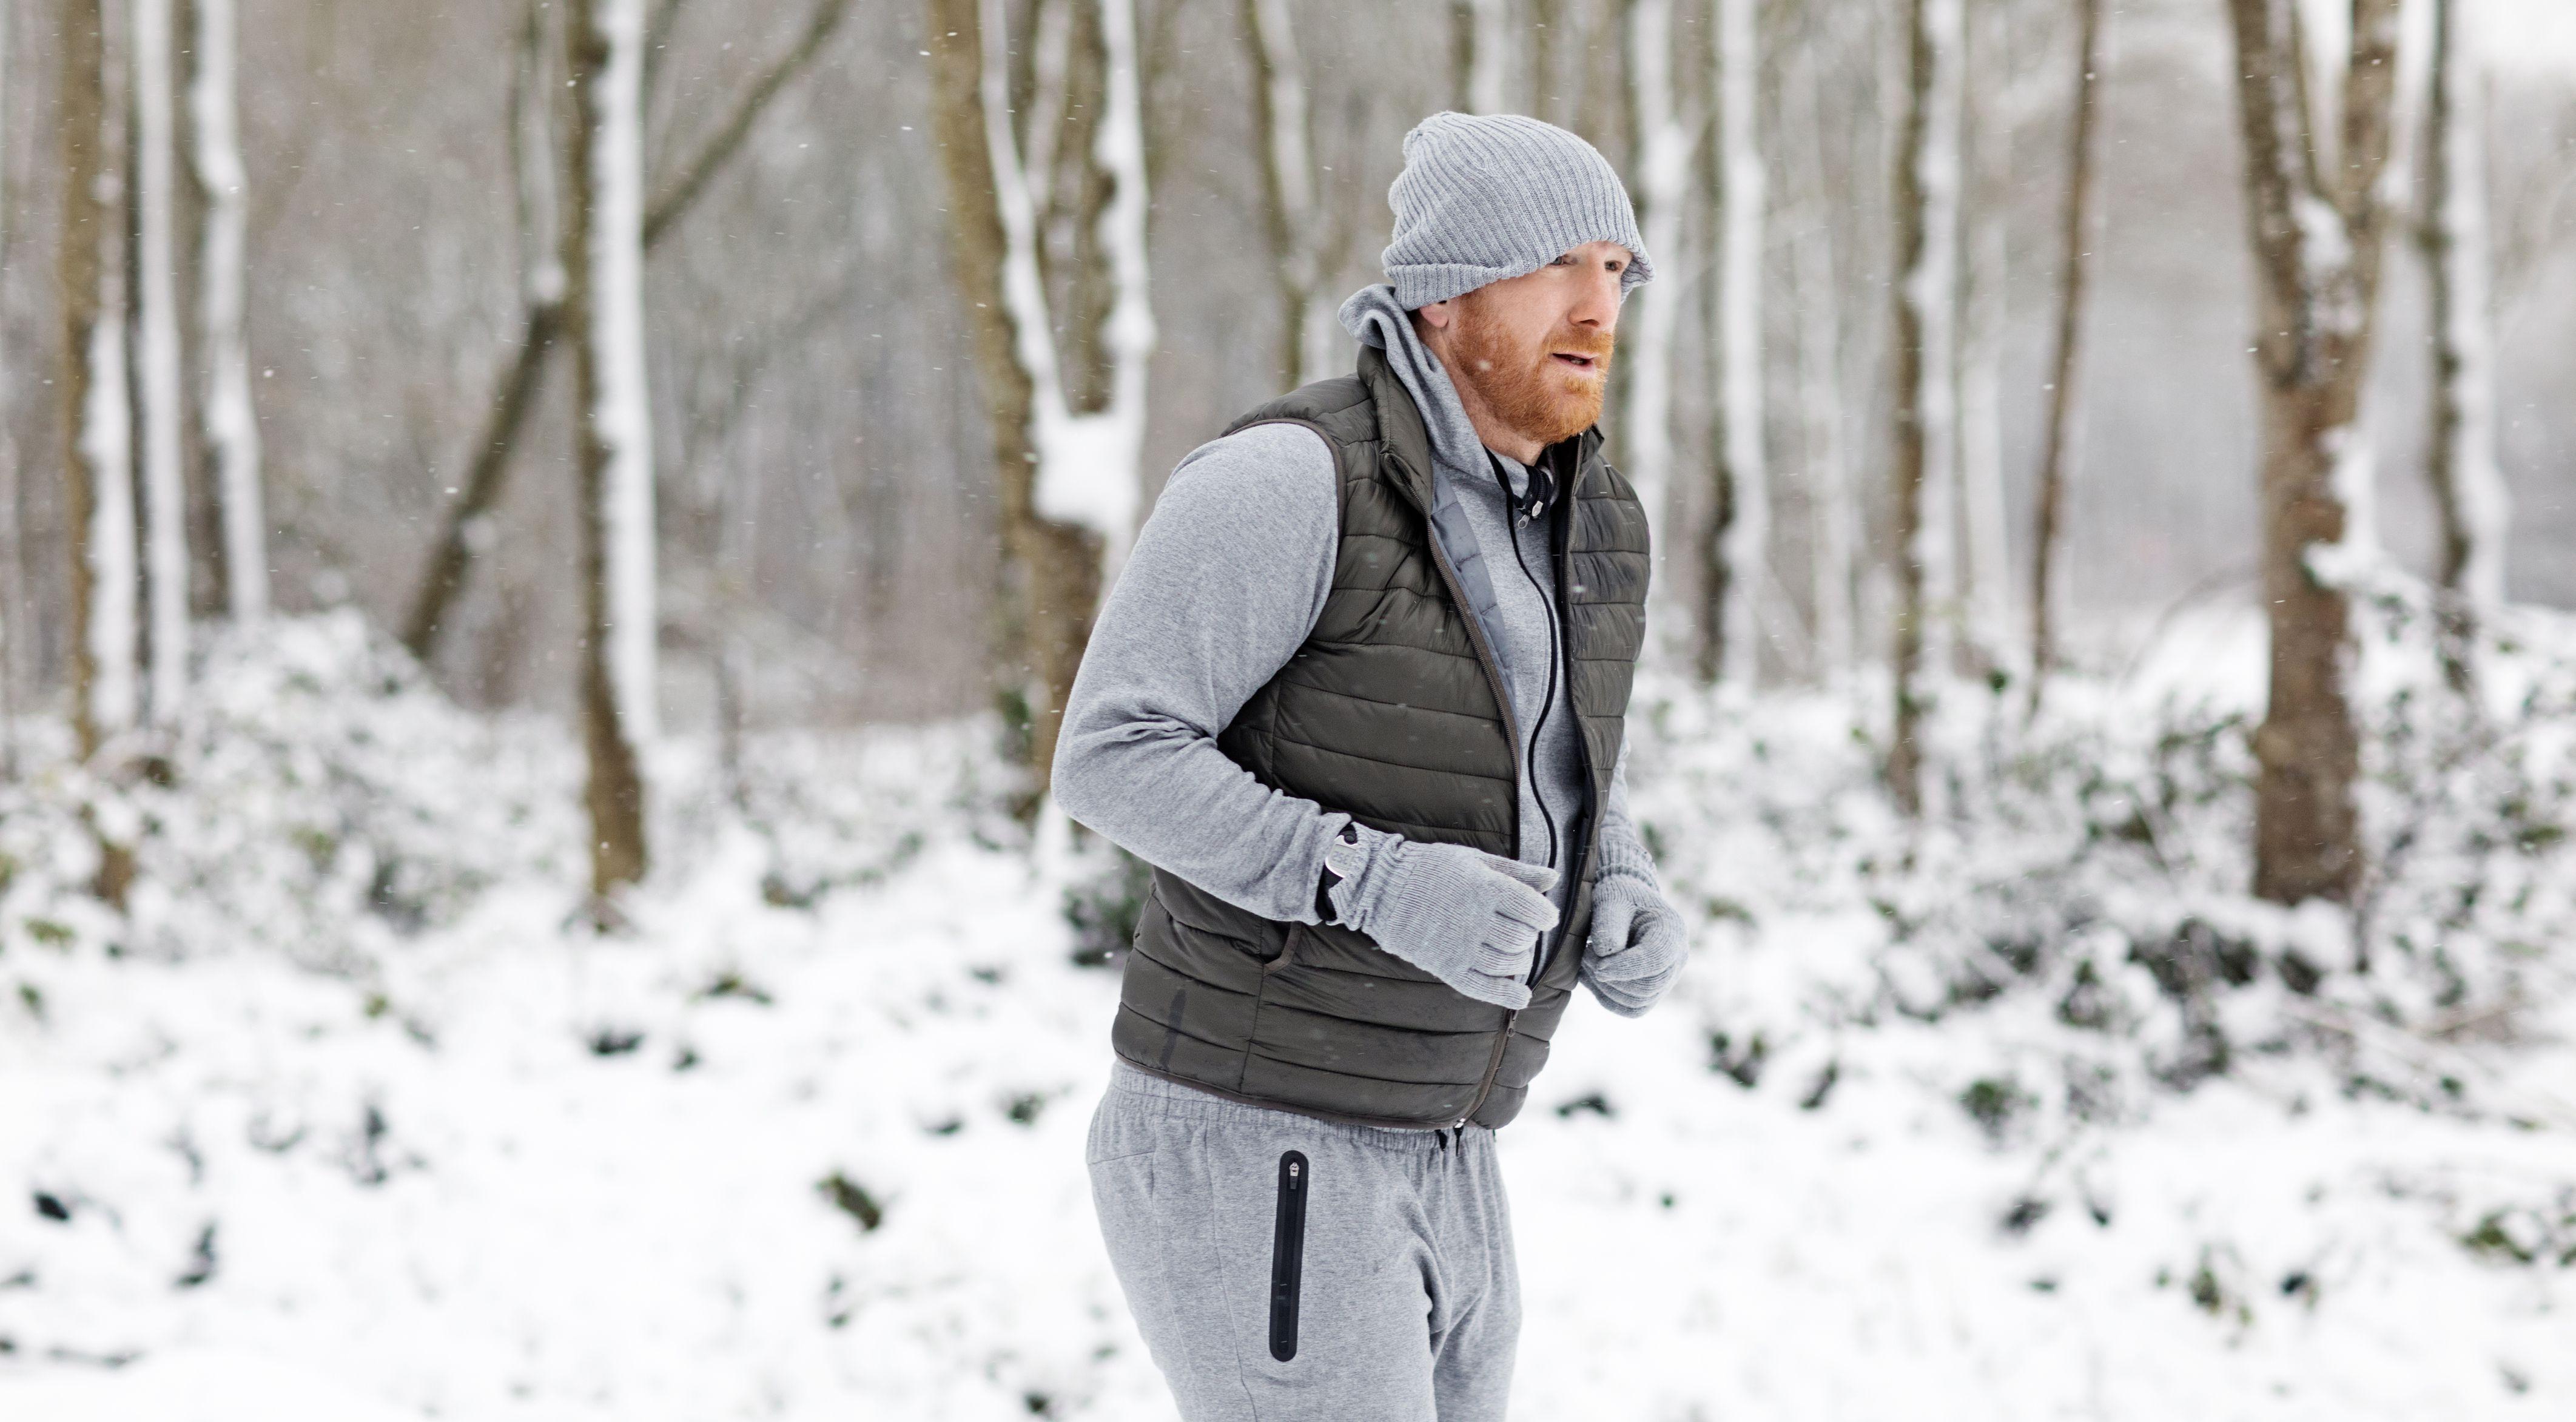 Pelirrojo hombre de mediana edad corriendo al aire libre en la nieve.